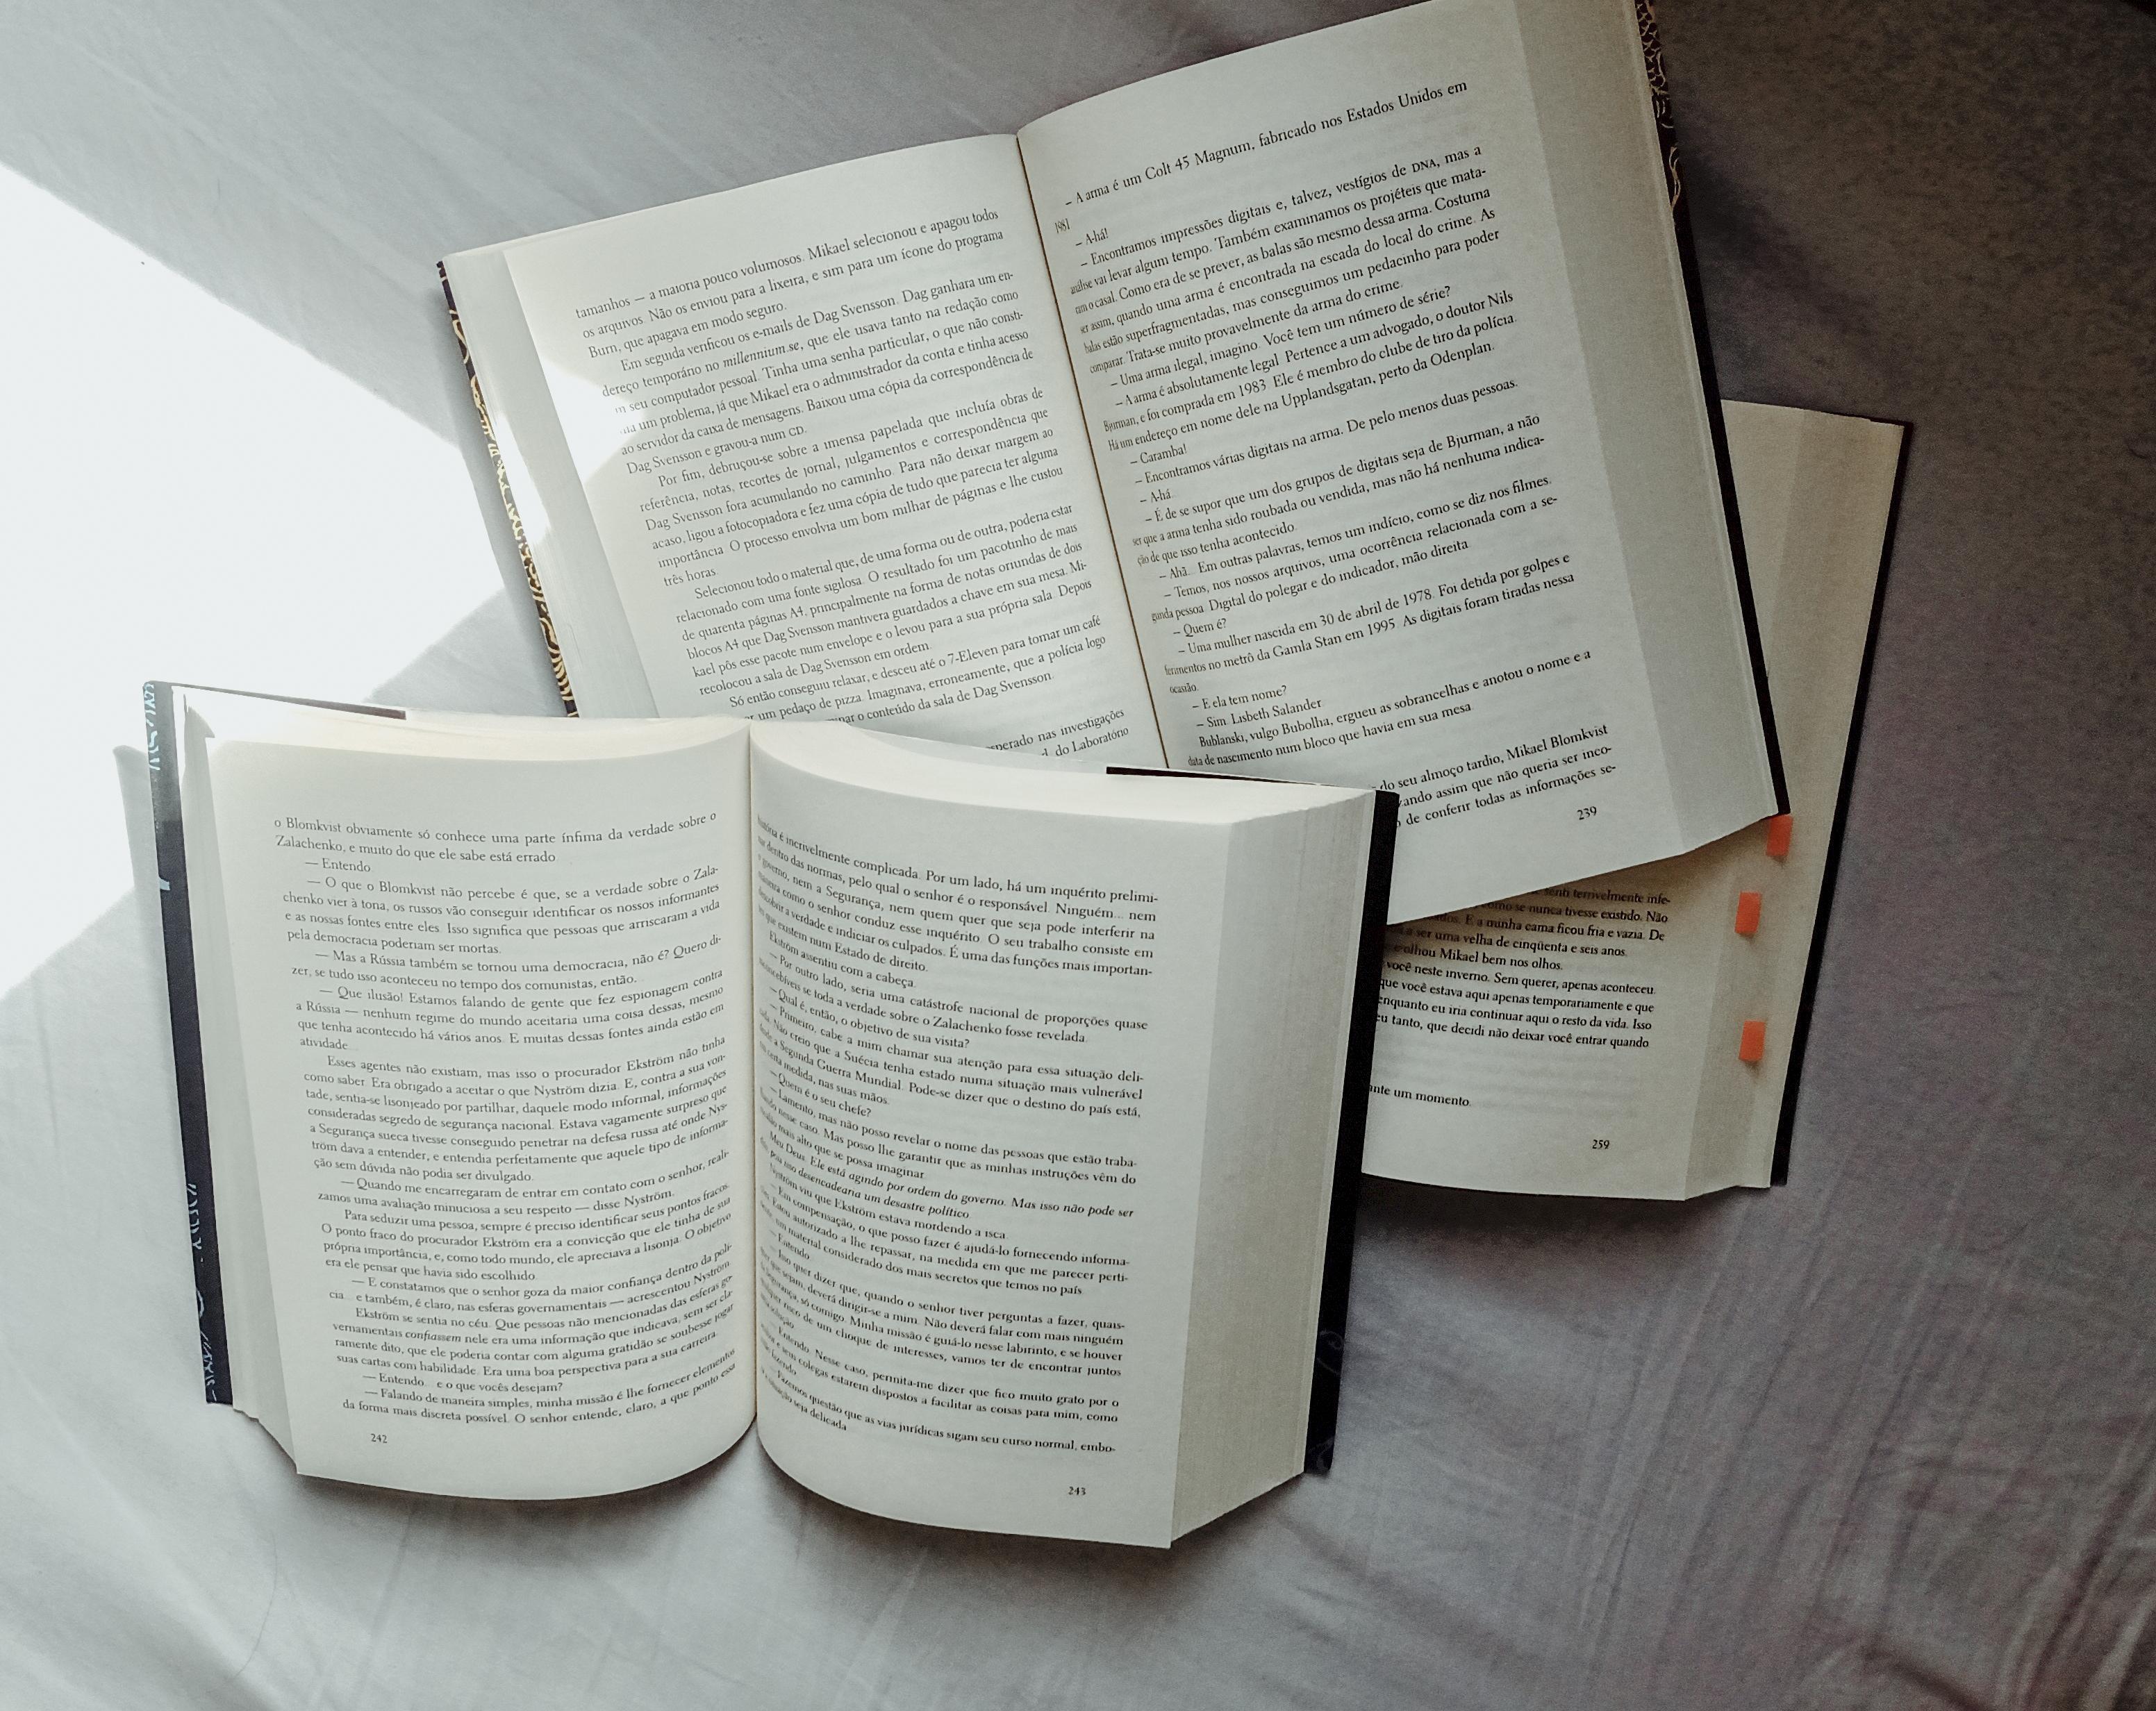 Três livros com as folhas abertas